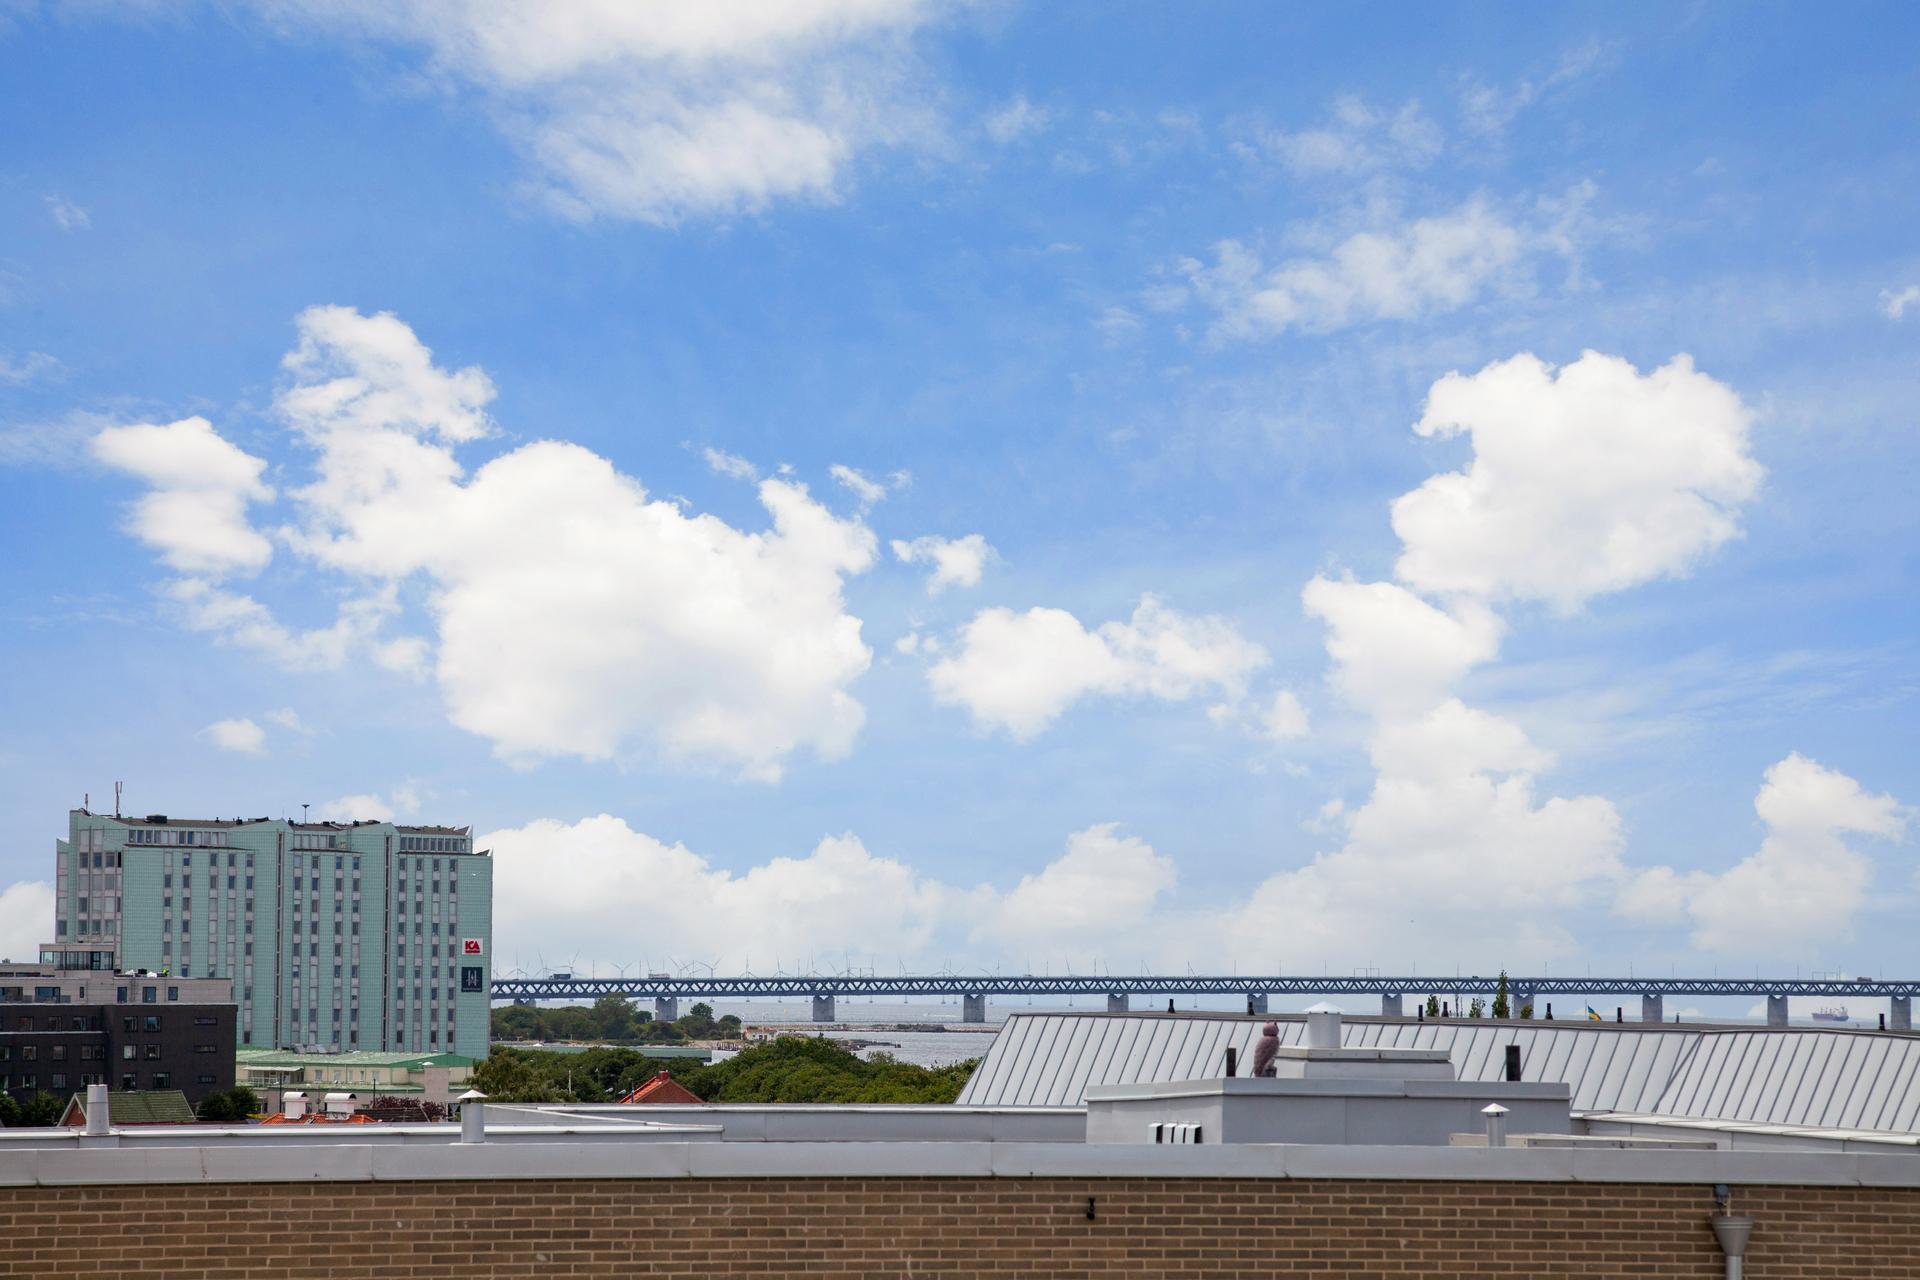 ... åt andra hållet sett med Öresundsbron i sikte